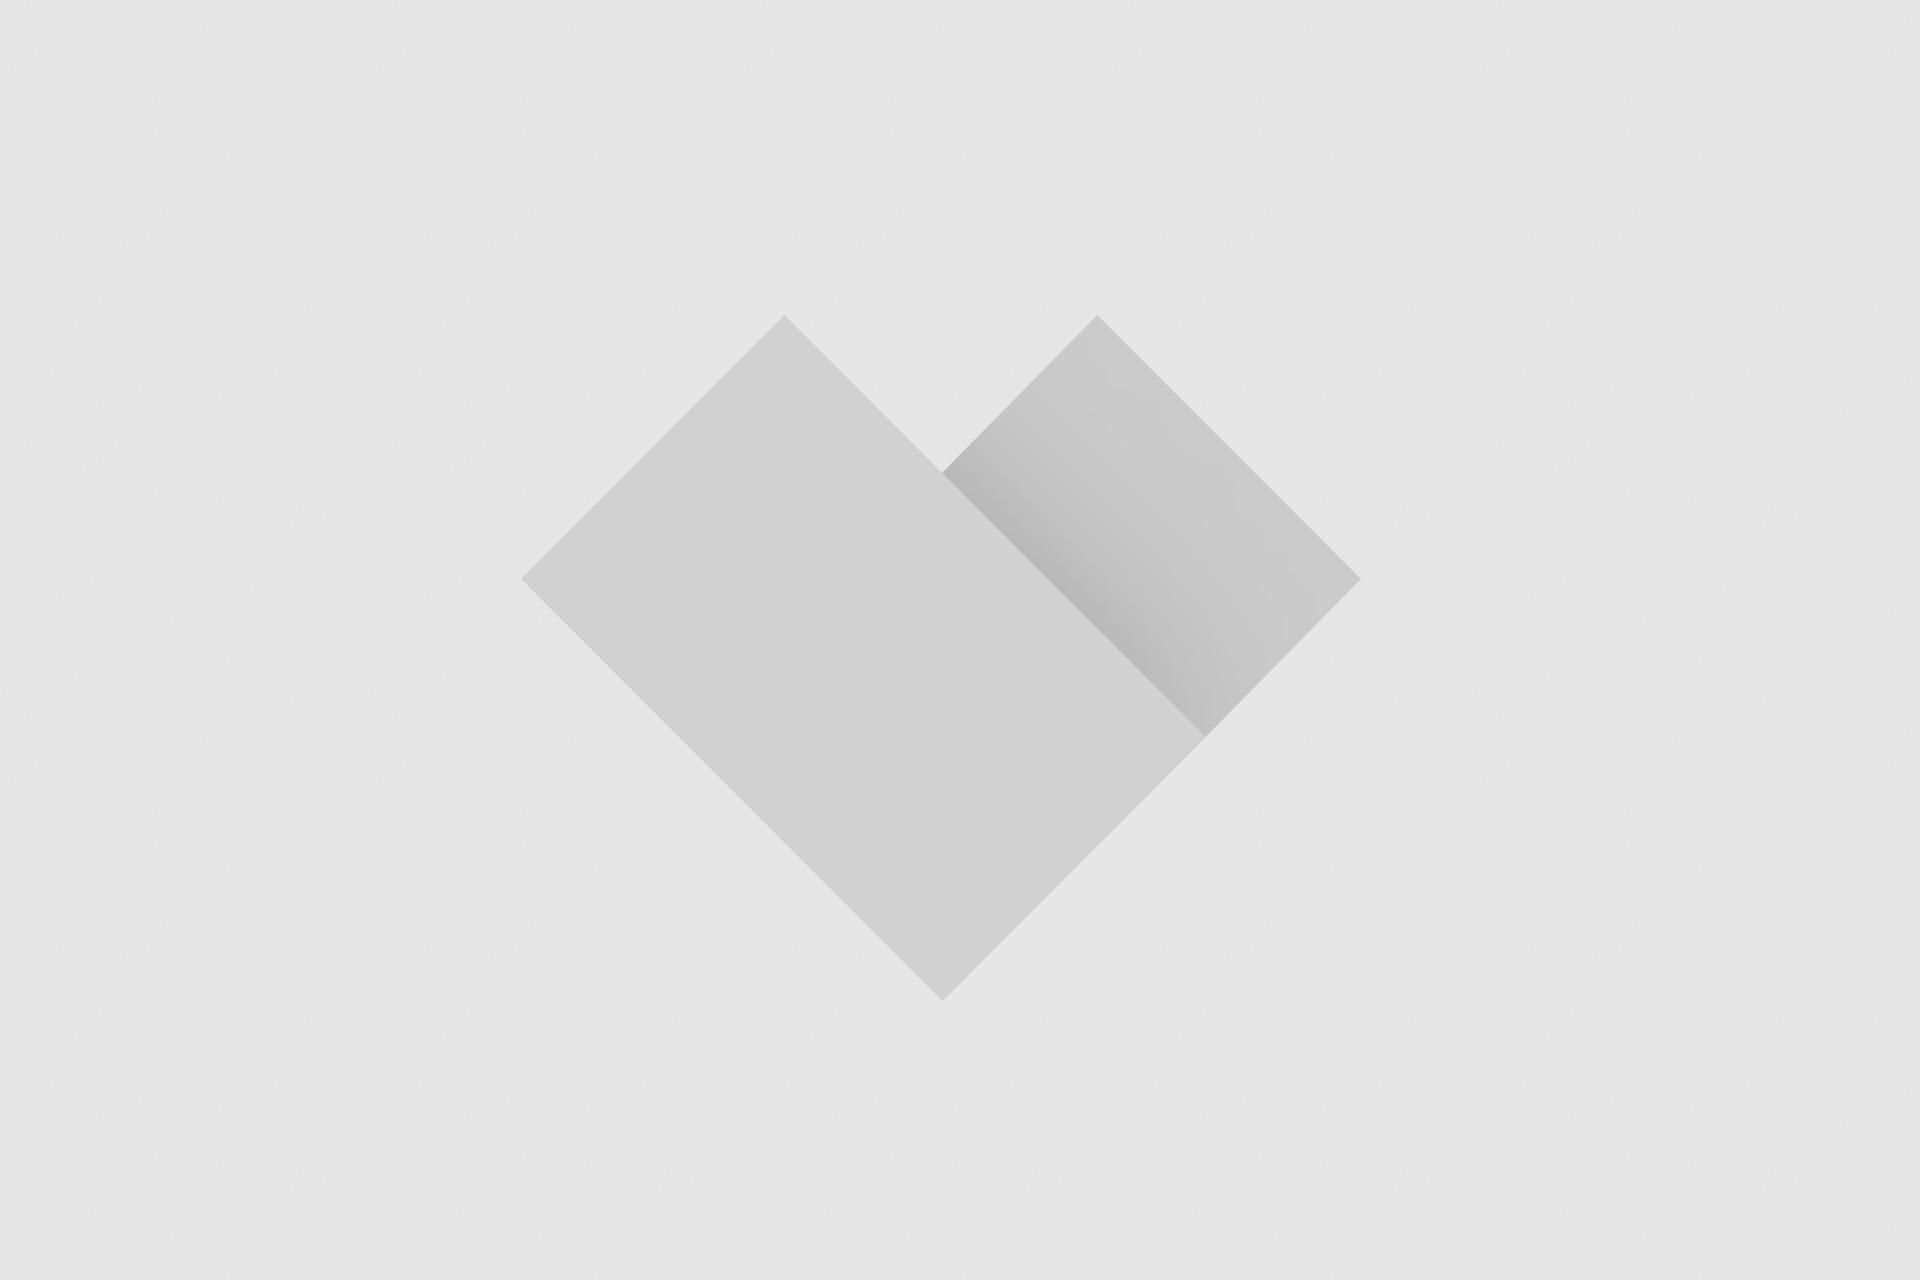 Kann das neue data-nosnippet Attribut von Google zum Deindexieren der Seiten benutzt werden?